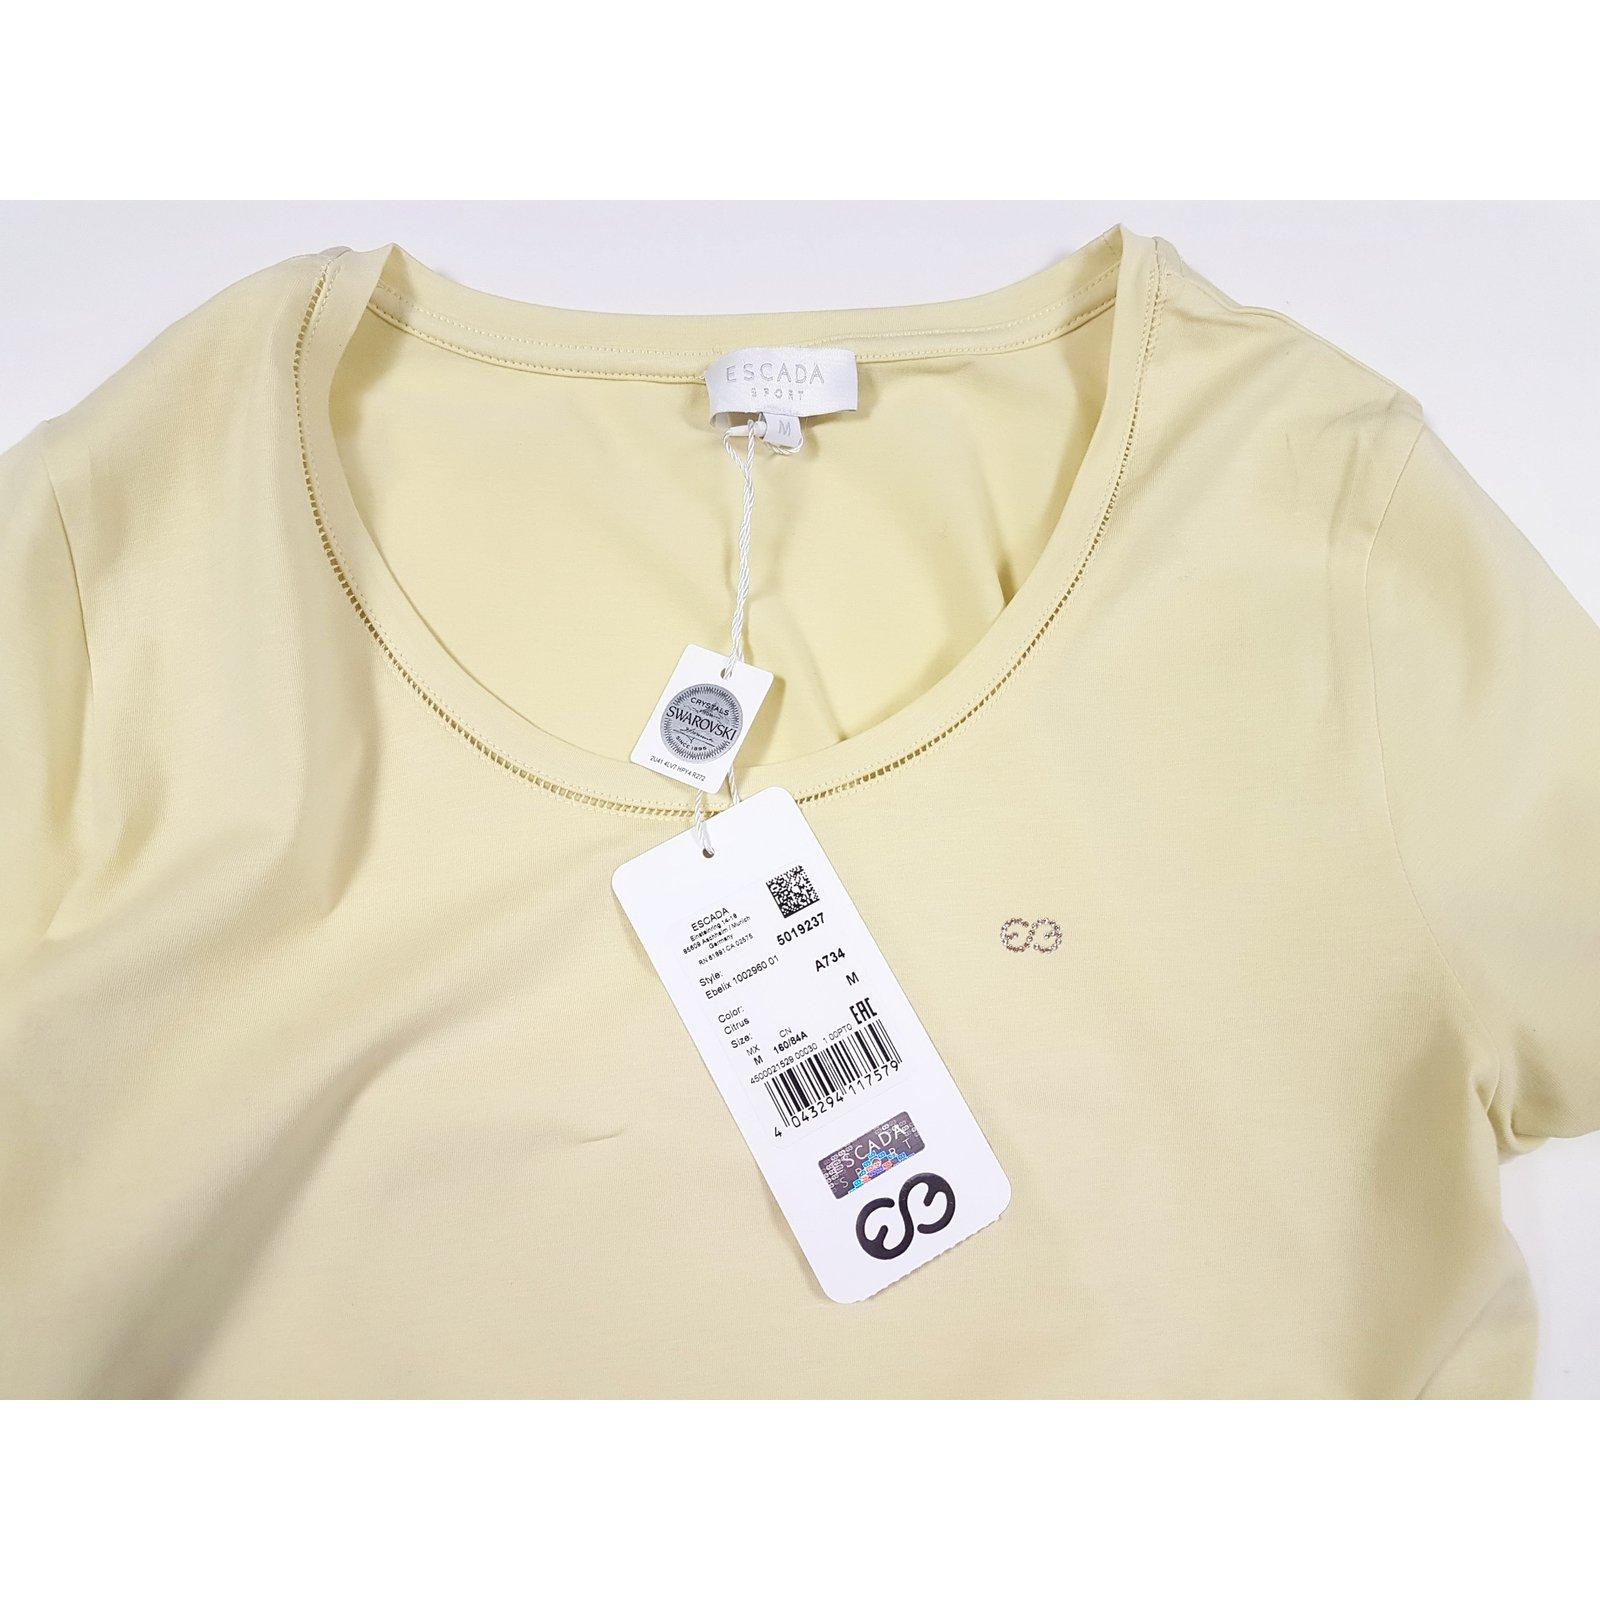 c64976b96a637b Escada Tops Tops Cotton Yellow ref.83393 - Joli Closet